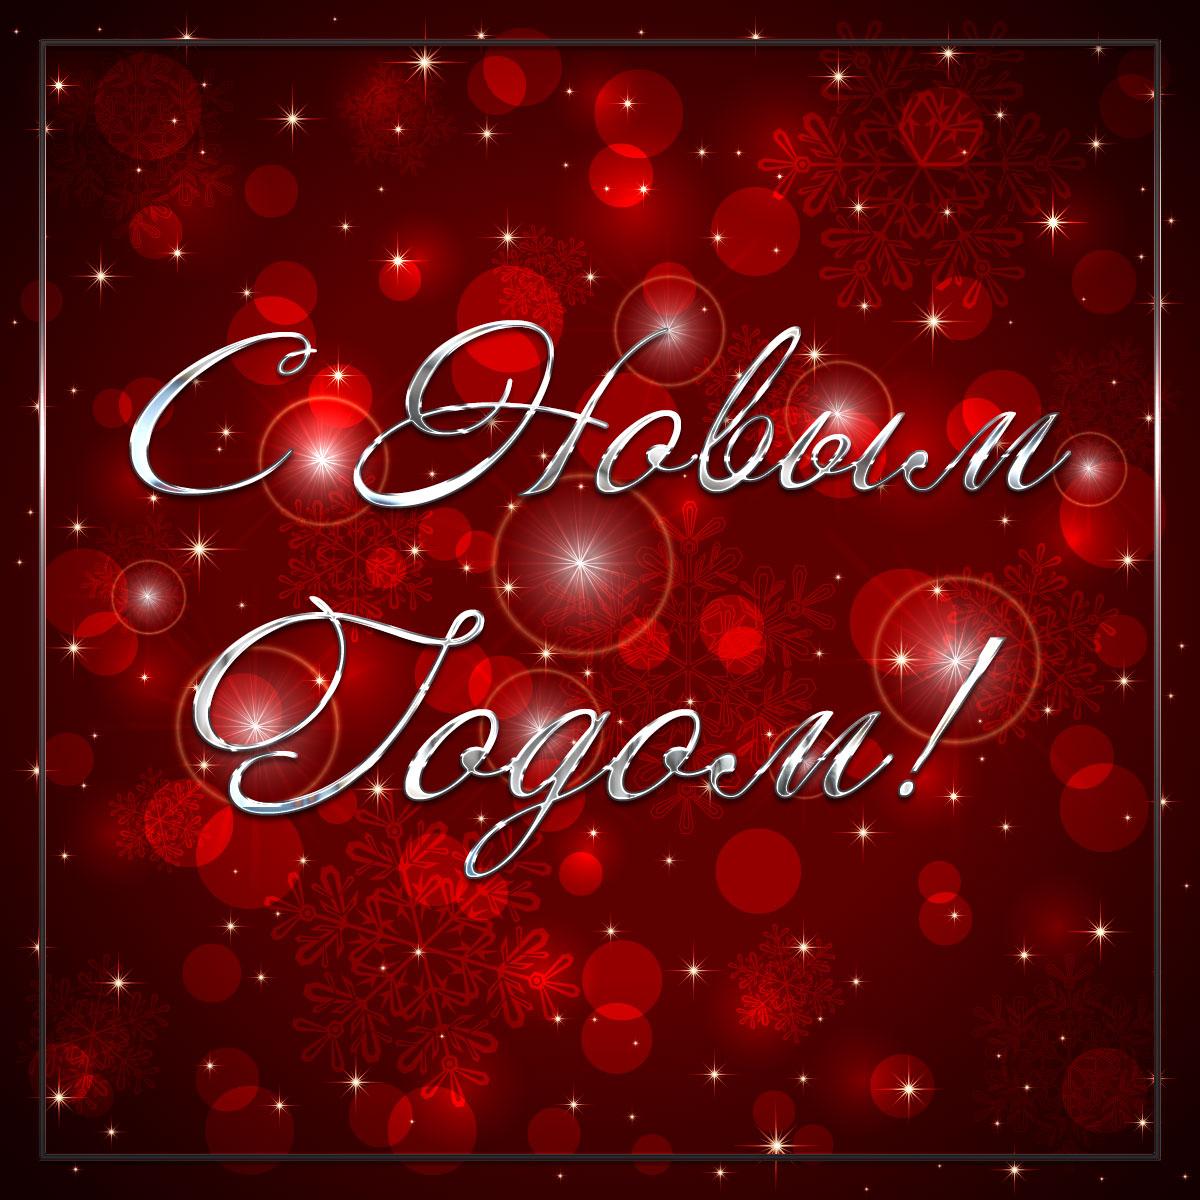 Красная картинка с круглыми бликами и надписью с новым годом!